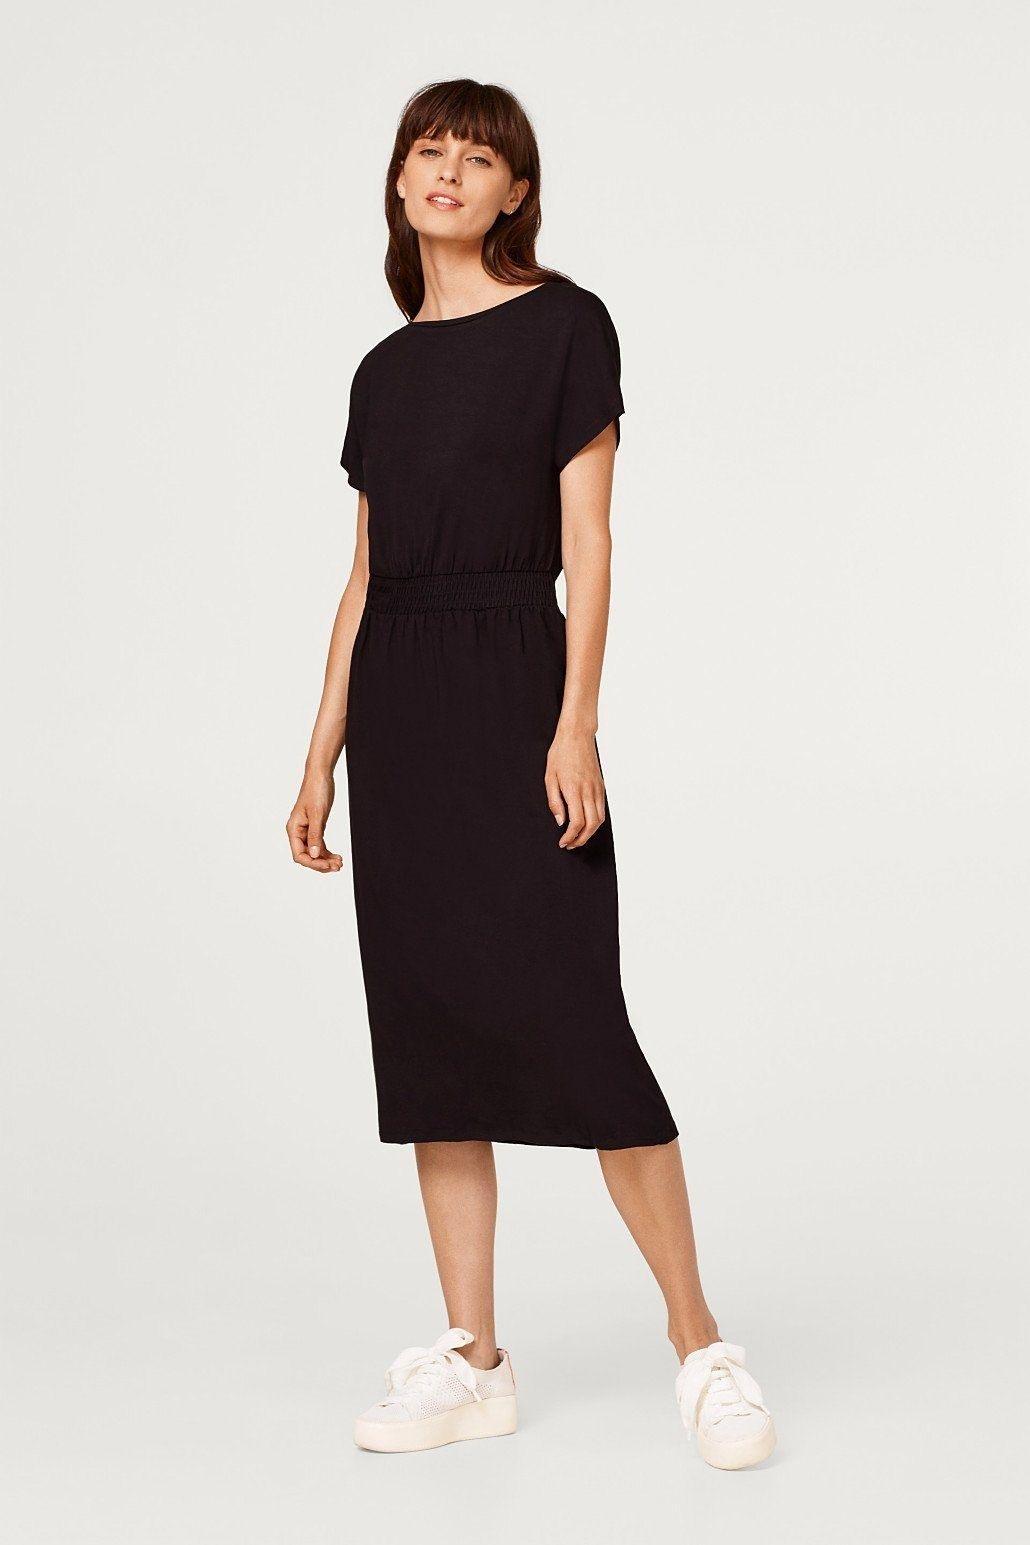 Formal Luxus Damen Sommerkleider Midi Vertrieb - Abendkleid